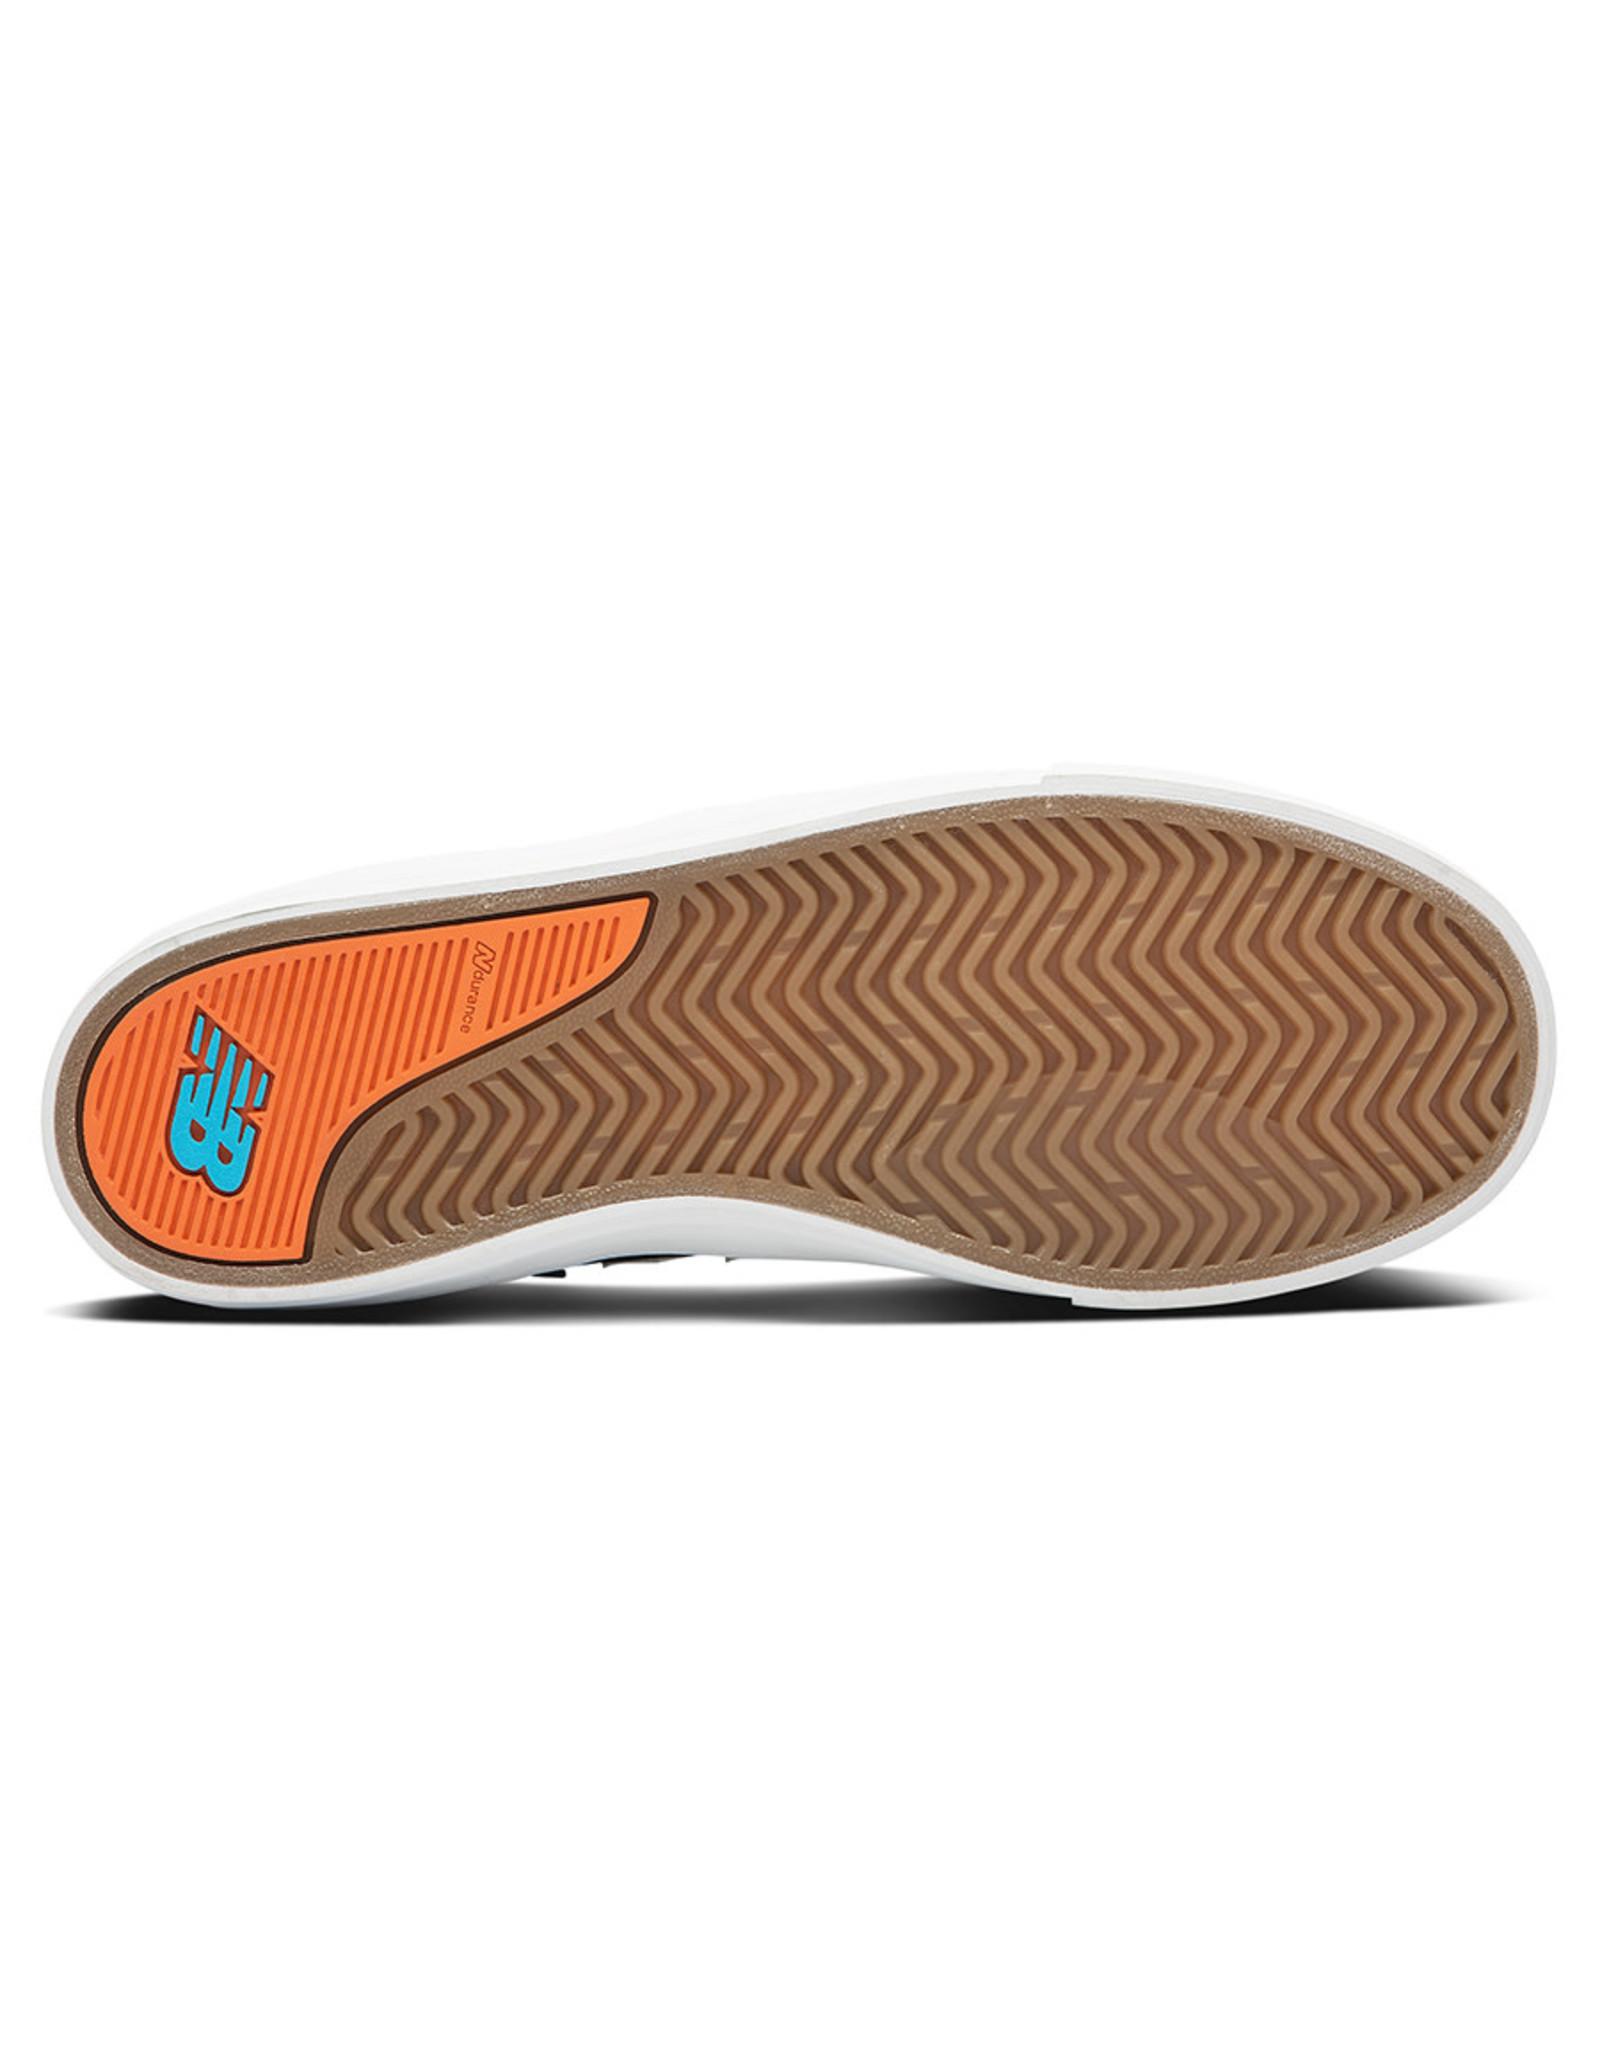 New Balance Numeric New Balance Numeric Shoe 306 Jamie Foy (Black/Teal/Orange)